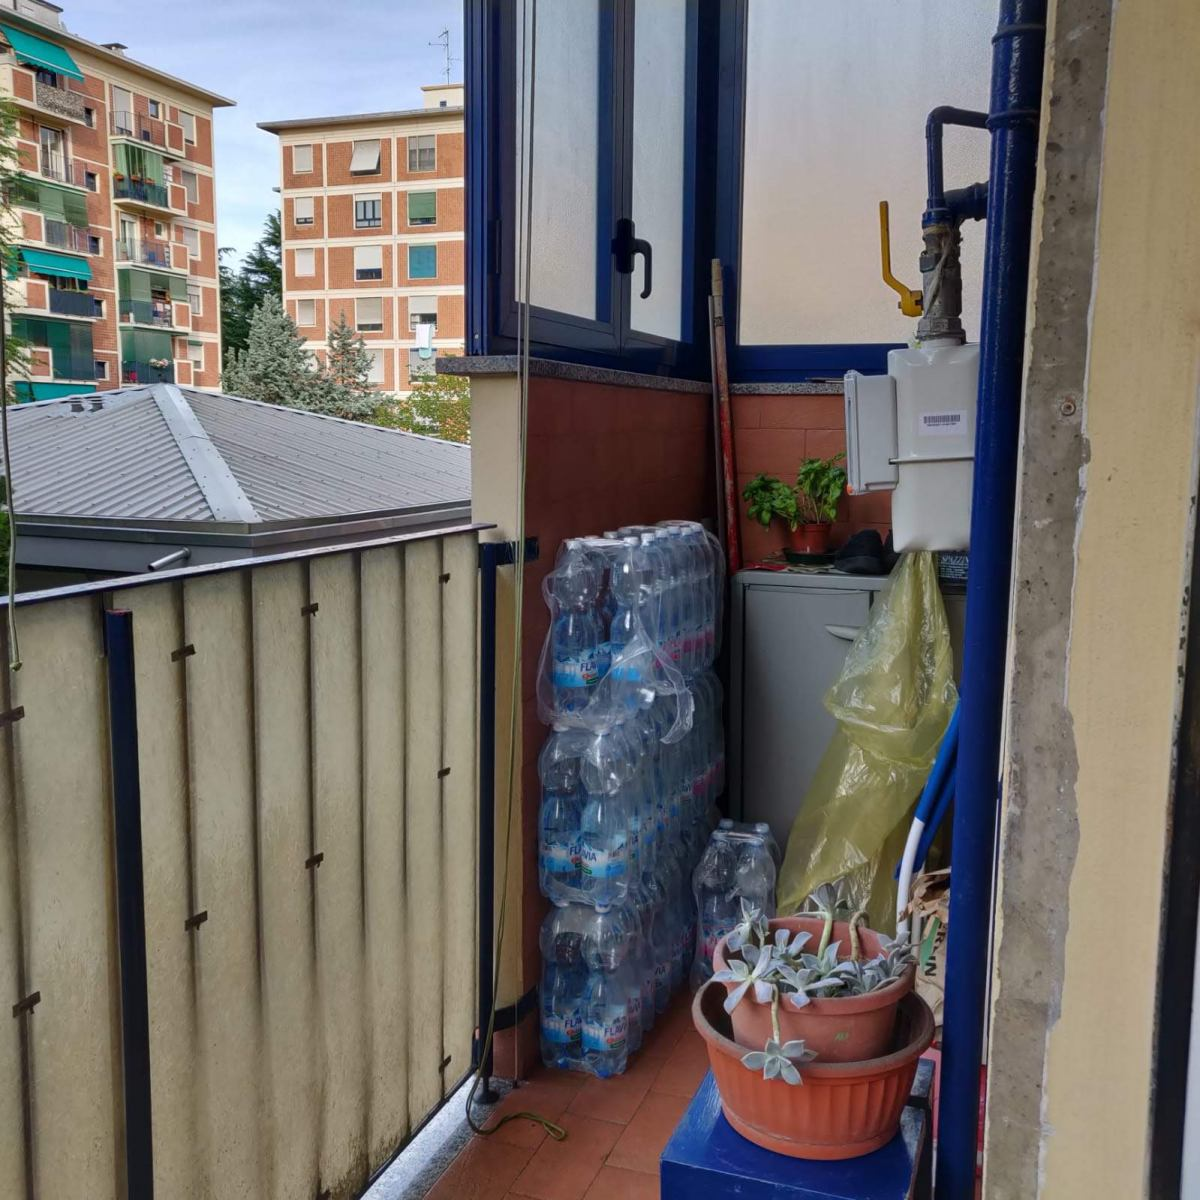 appartamento-in-vendita-milano-quartiere-olmi-milano-baggio-spaziourbano-immobiliare-vende-14